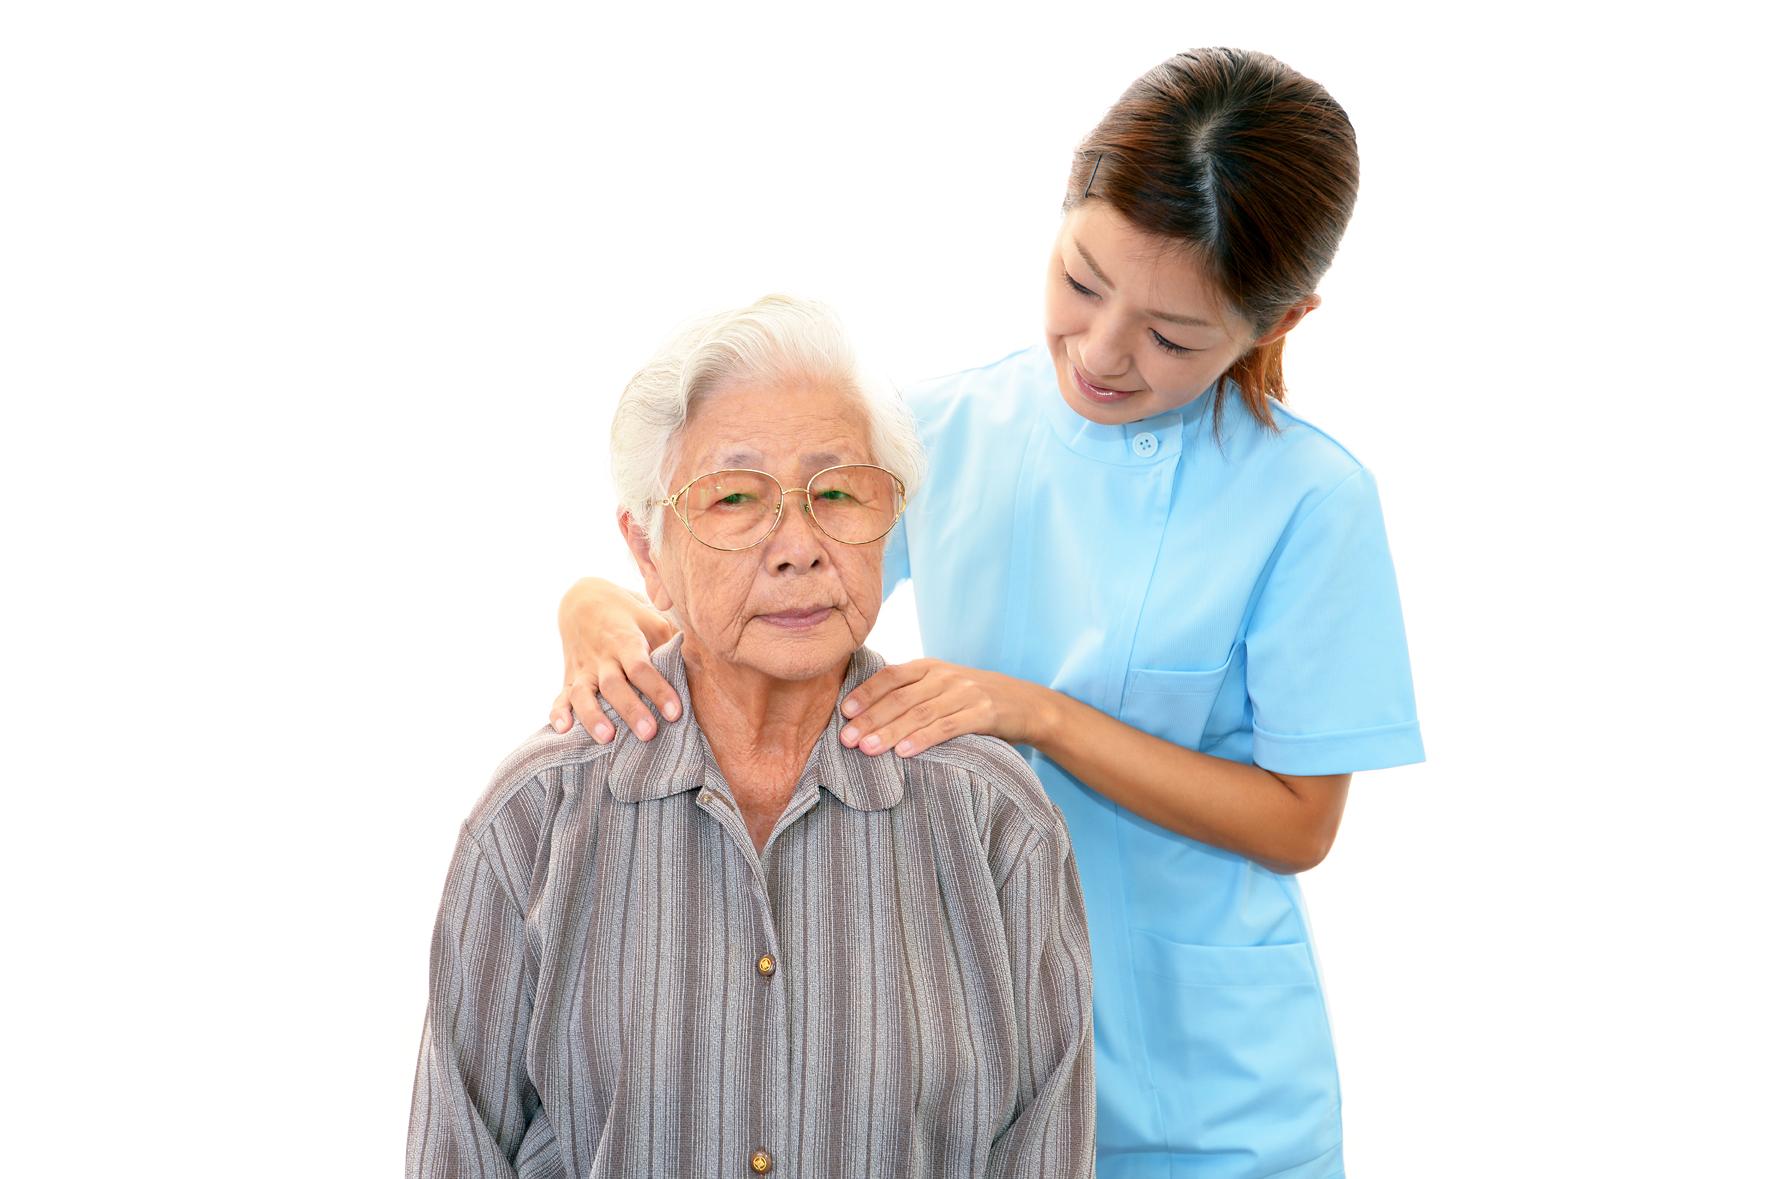 Tại sao nói Điều dưỡng viên là nganhf nghề cao quý